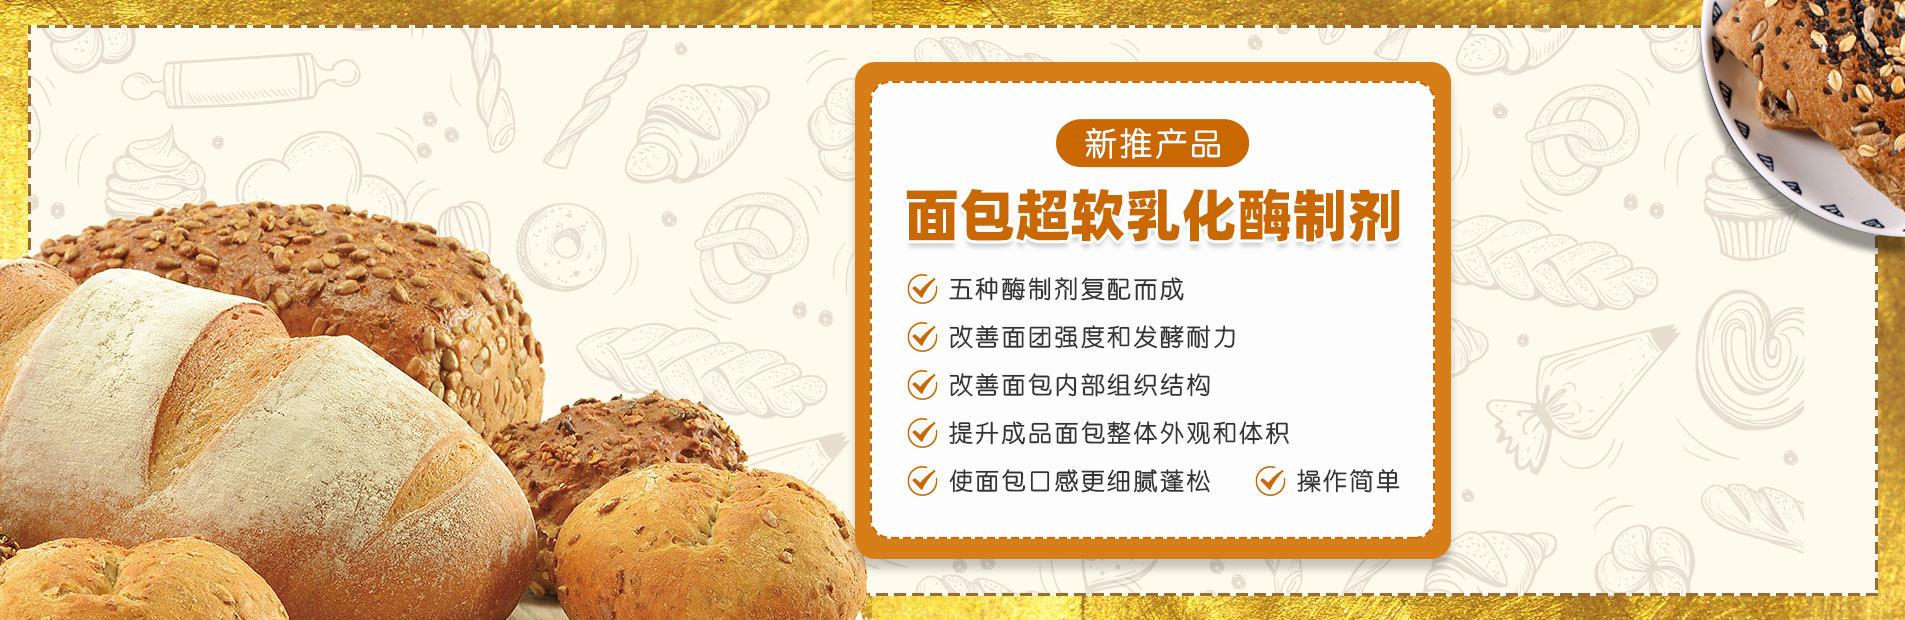 齐齐哈尔市鹤润食品原料有限公司